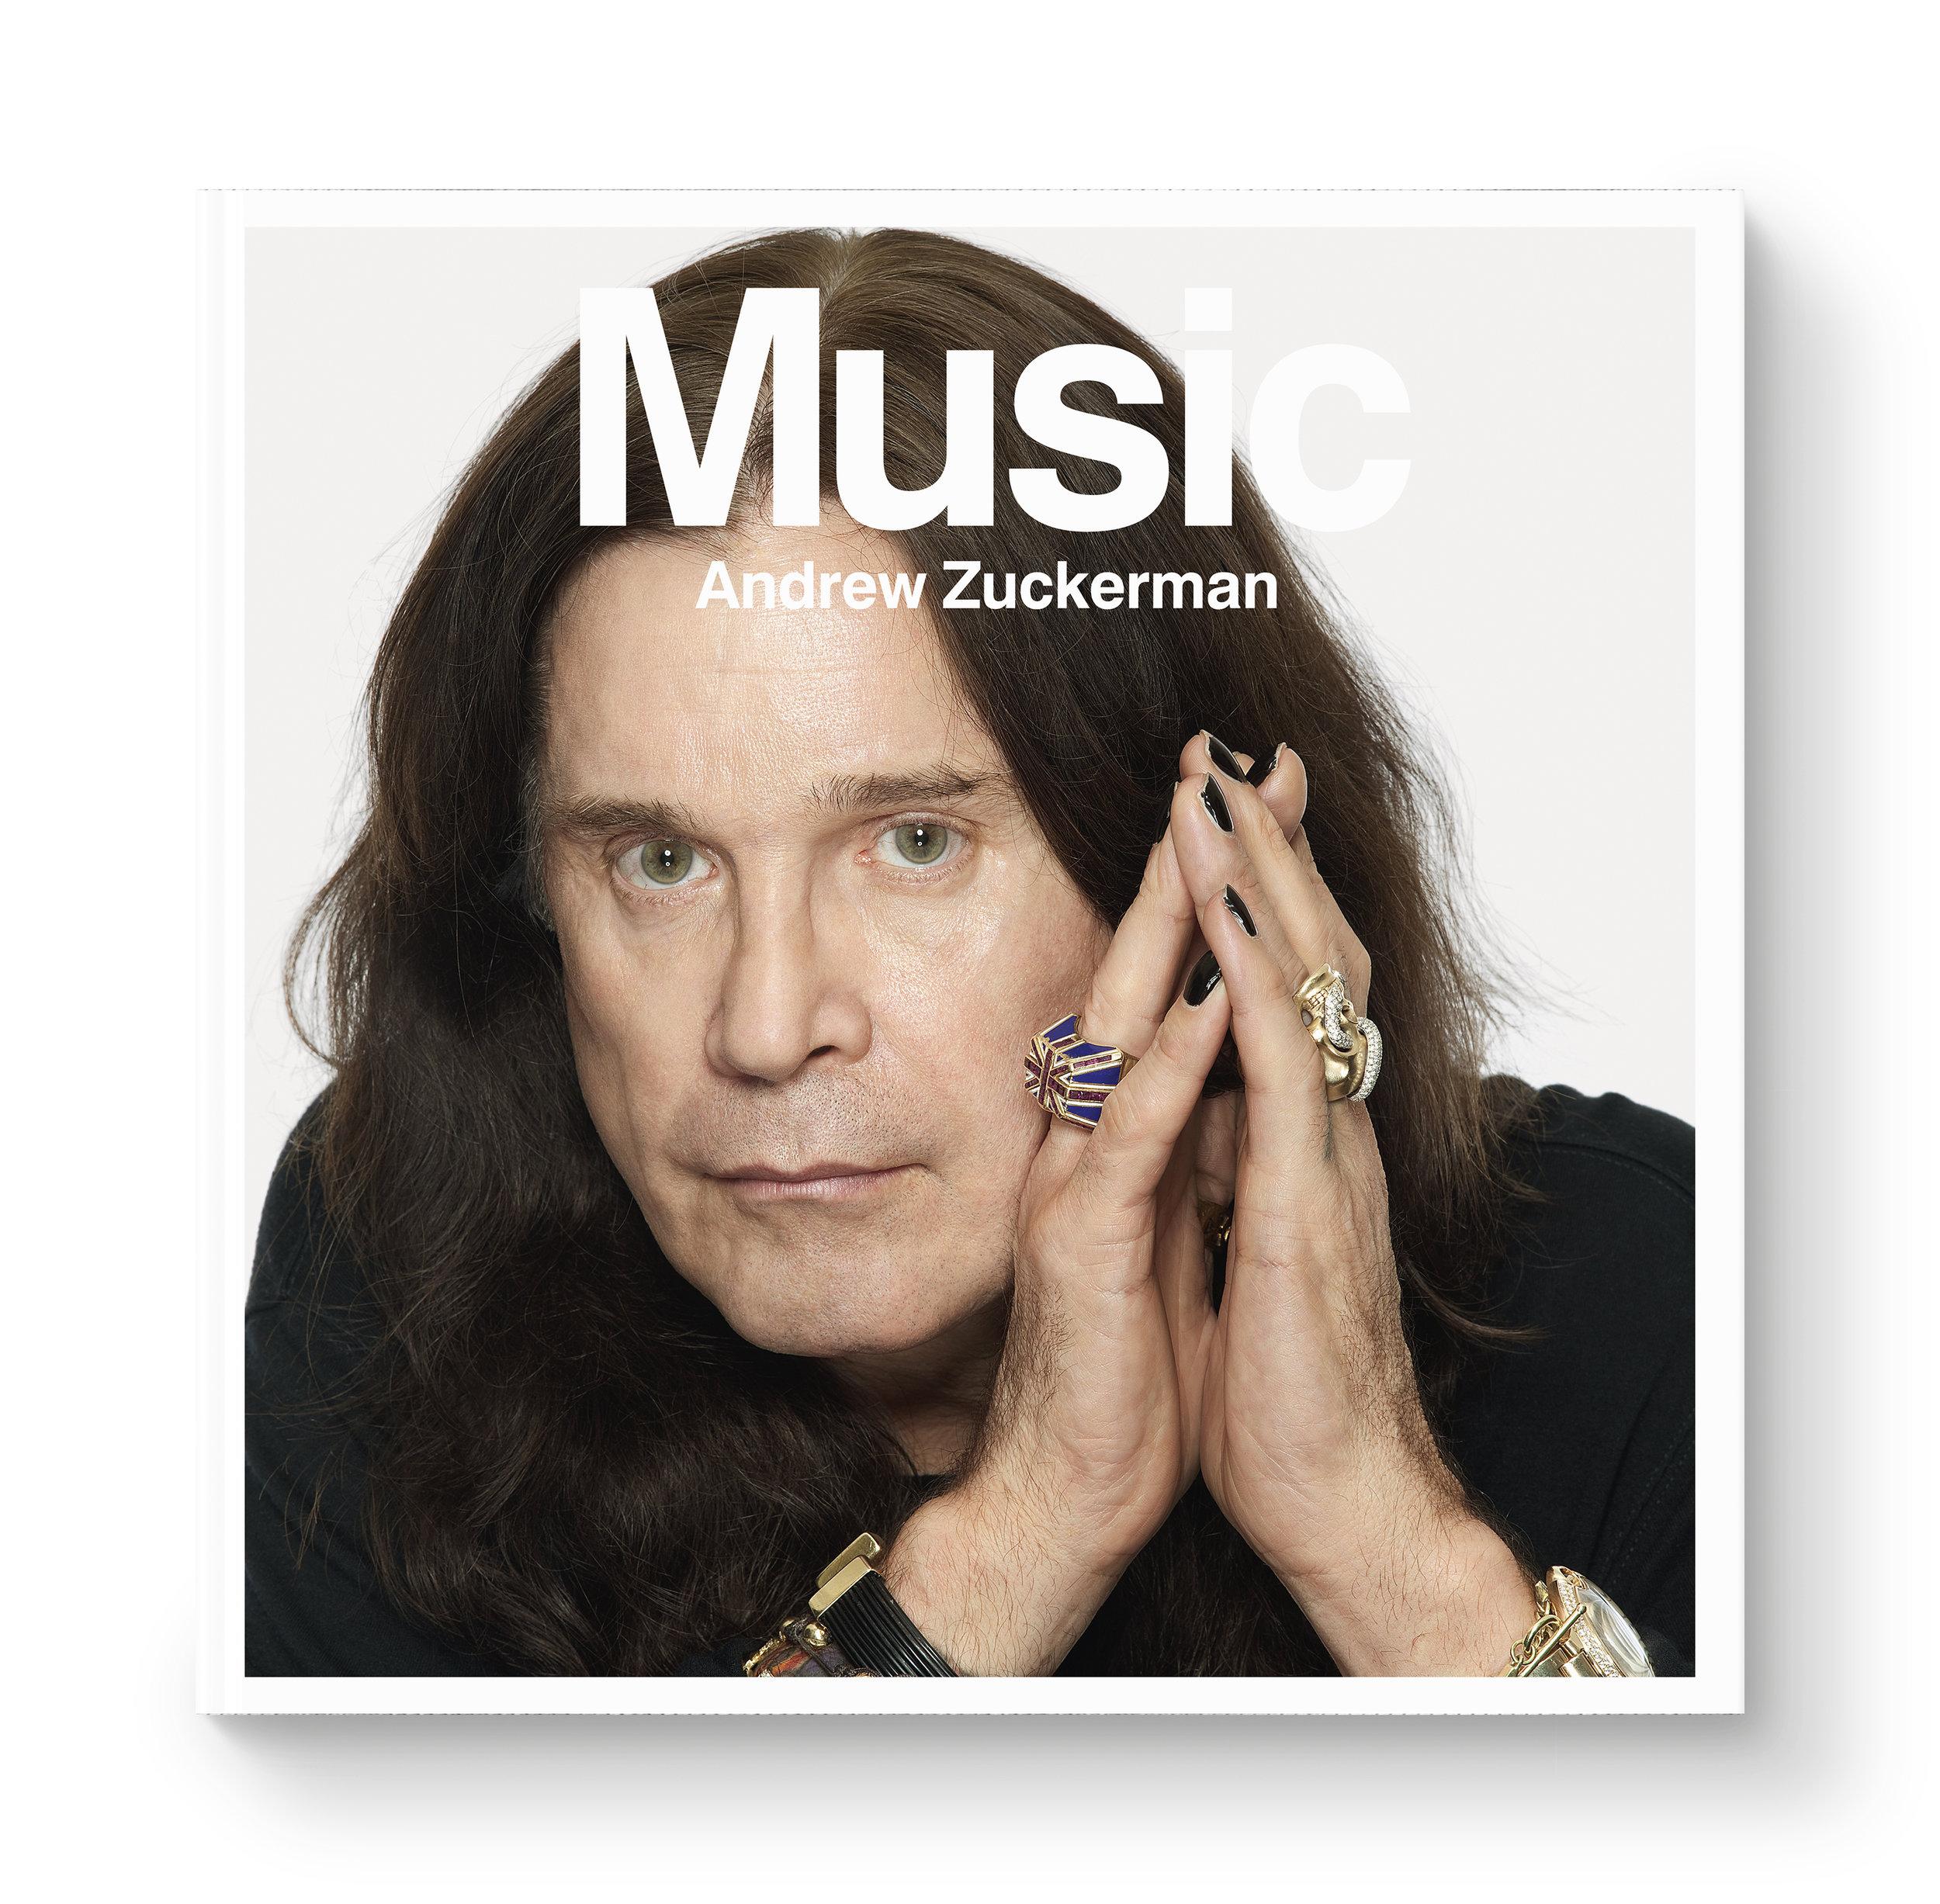 az-music-jkt.jpg